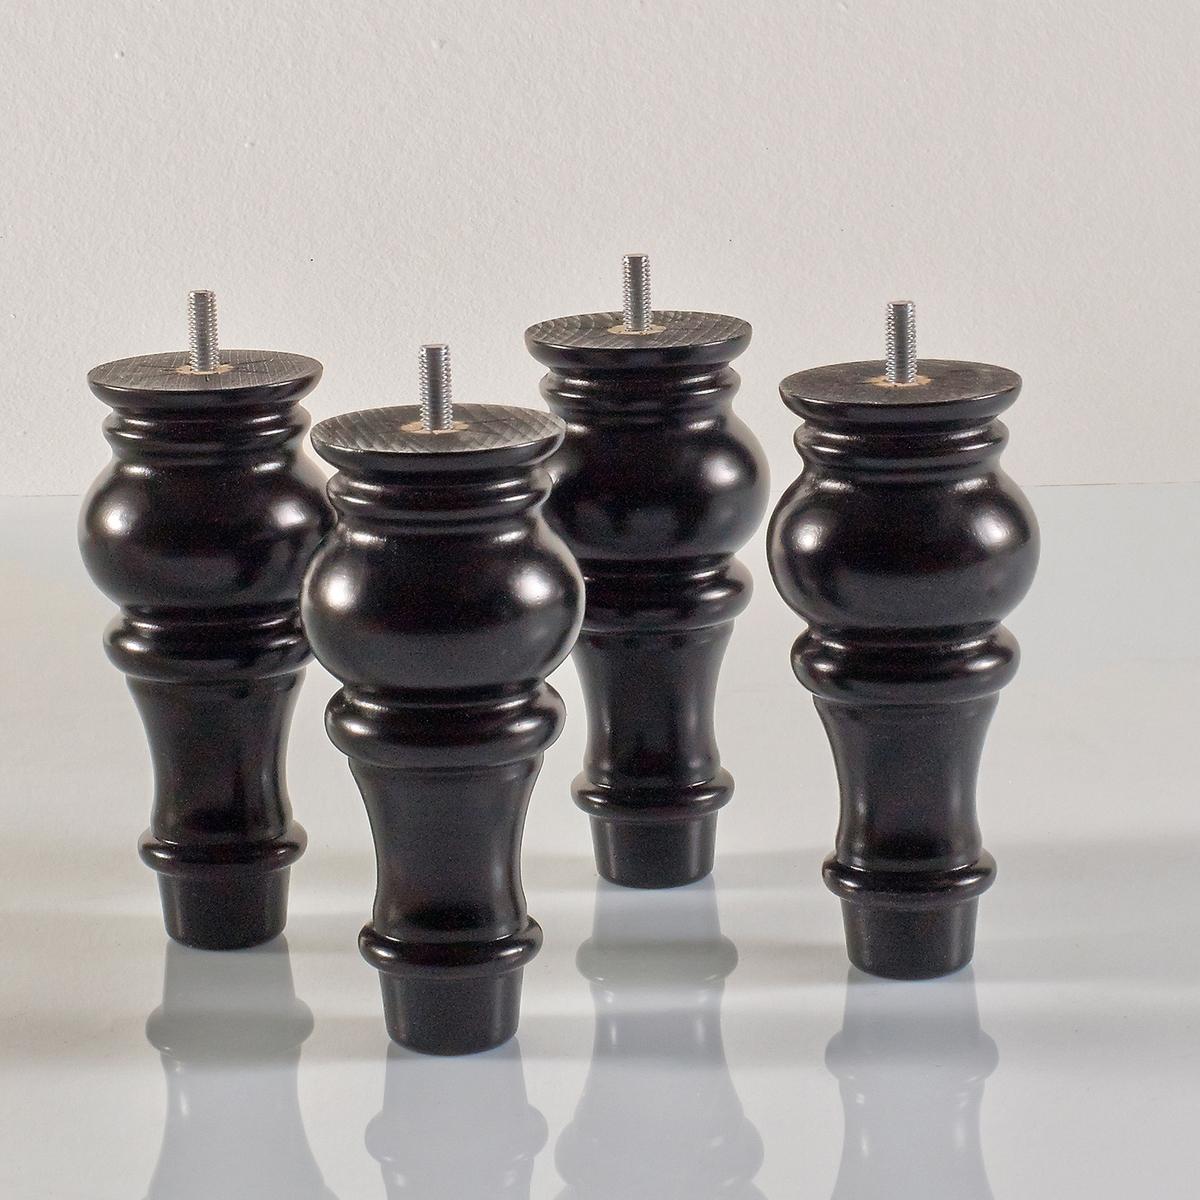 4 ножки для кровати WigmoreКомплект из 4 ножек для кровати, адаптируются к каркасам с отверстиями для резьбового крепления M8.   - Выполнены из массива бука с тонировкой венге и отделкой нитроцеллюлозным лаком. ? 7, В.15 см.<br><br>Цвет: белый,черный лак<br>Размер: 15cm